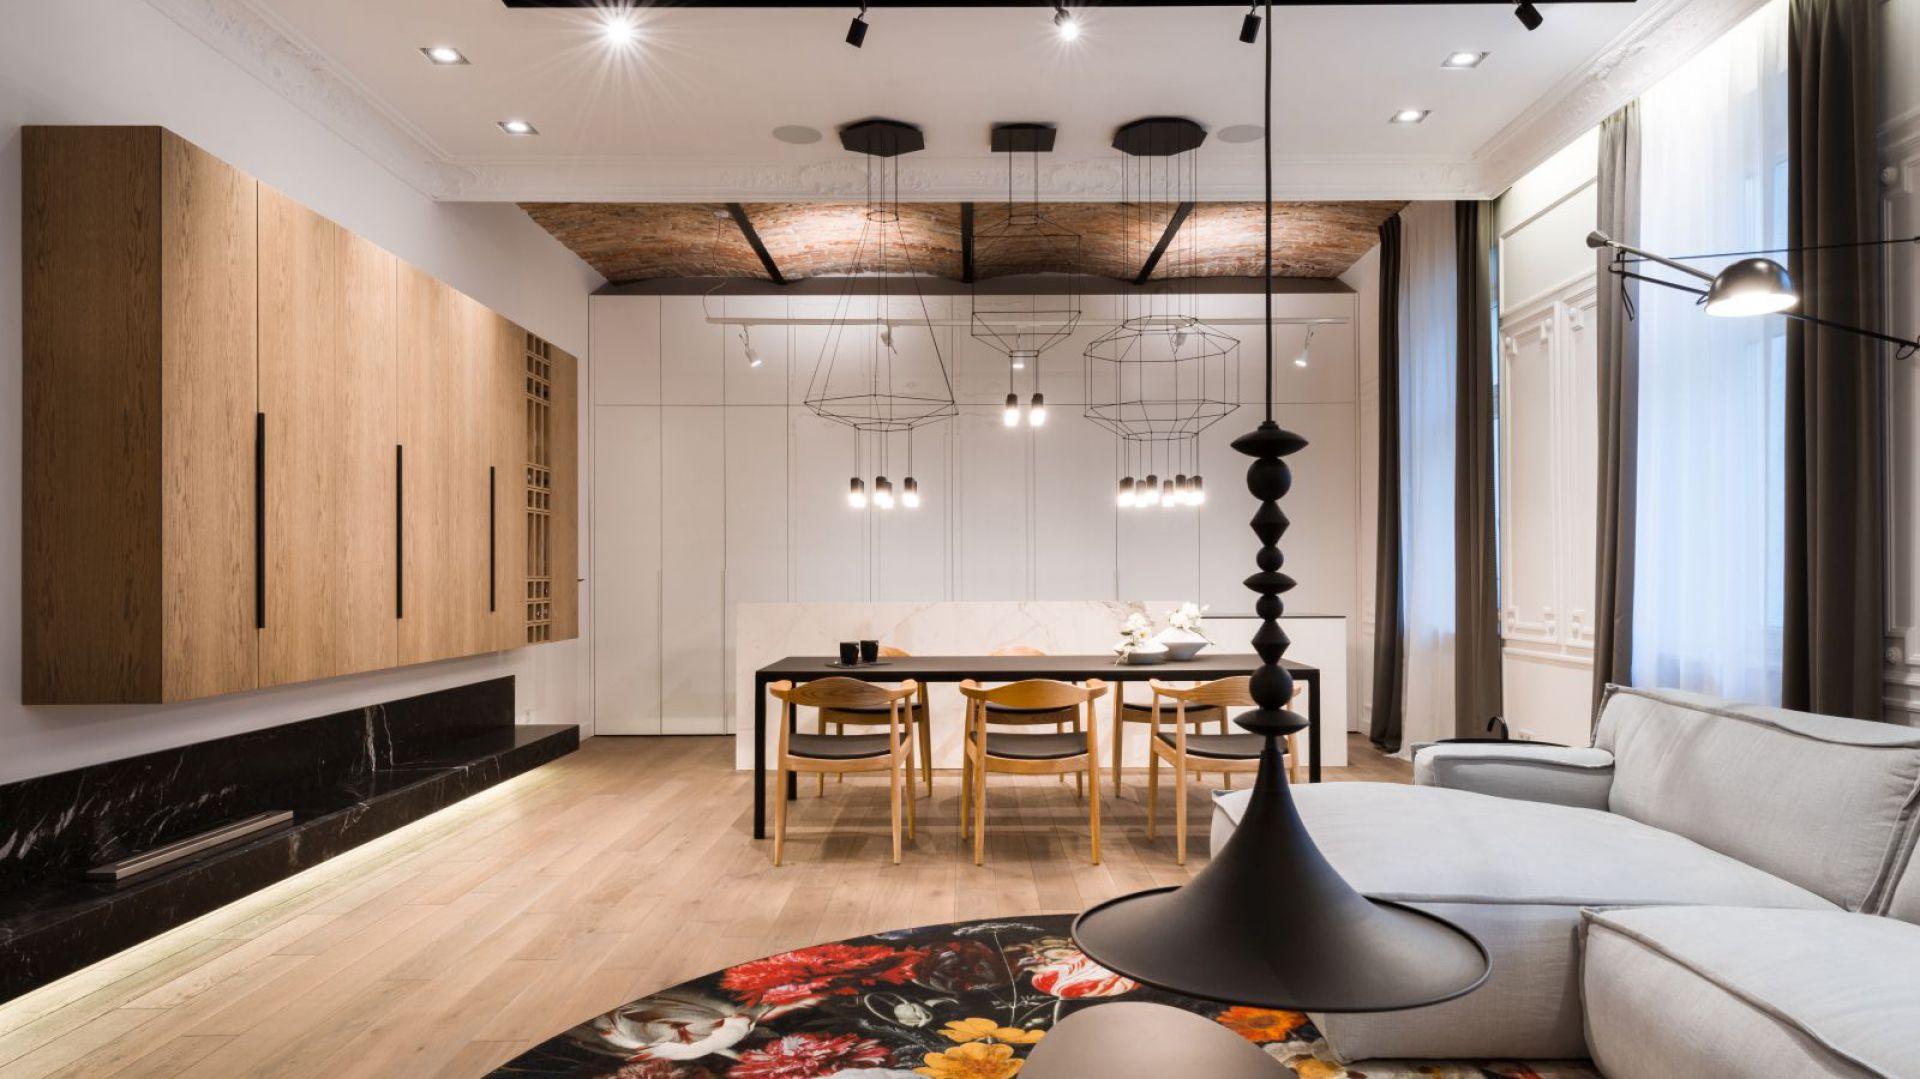 Geometryczne, ażurowe kształty czarnych lamp Wireflow nad stołem w jadalni przyciągają wzrok nawet w dzień, dodając charakteru całemu pomieszczeniu.Fot. Hamish Cox